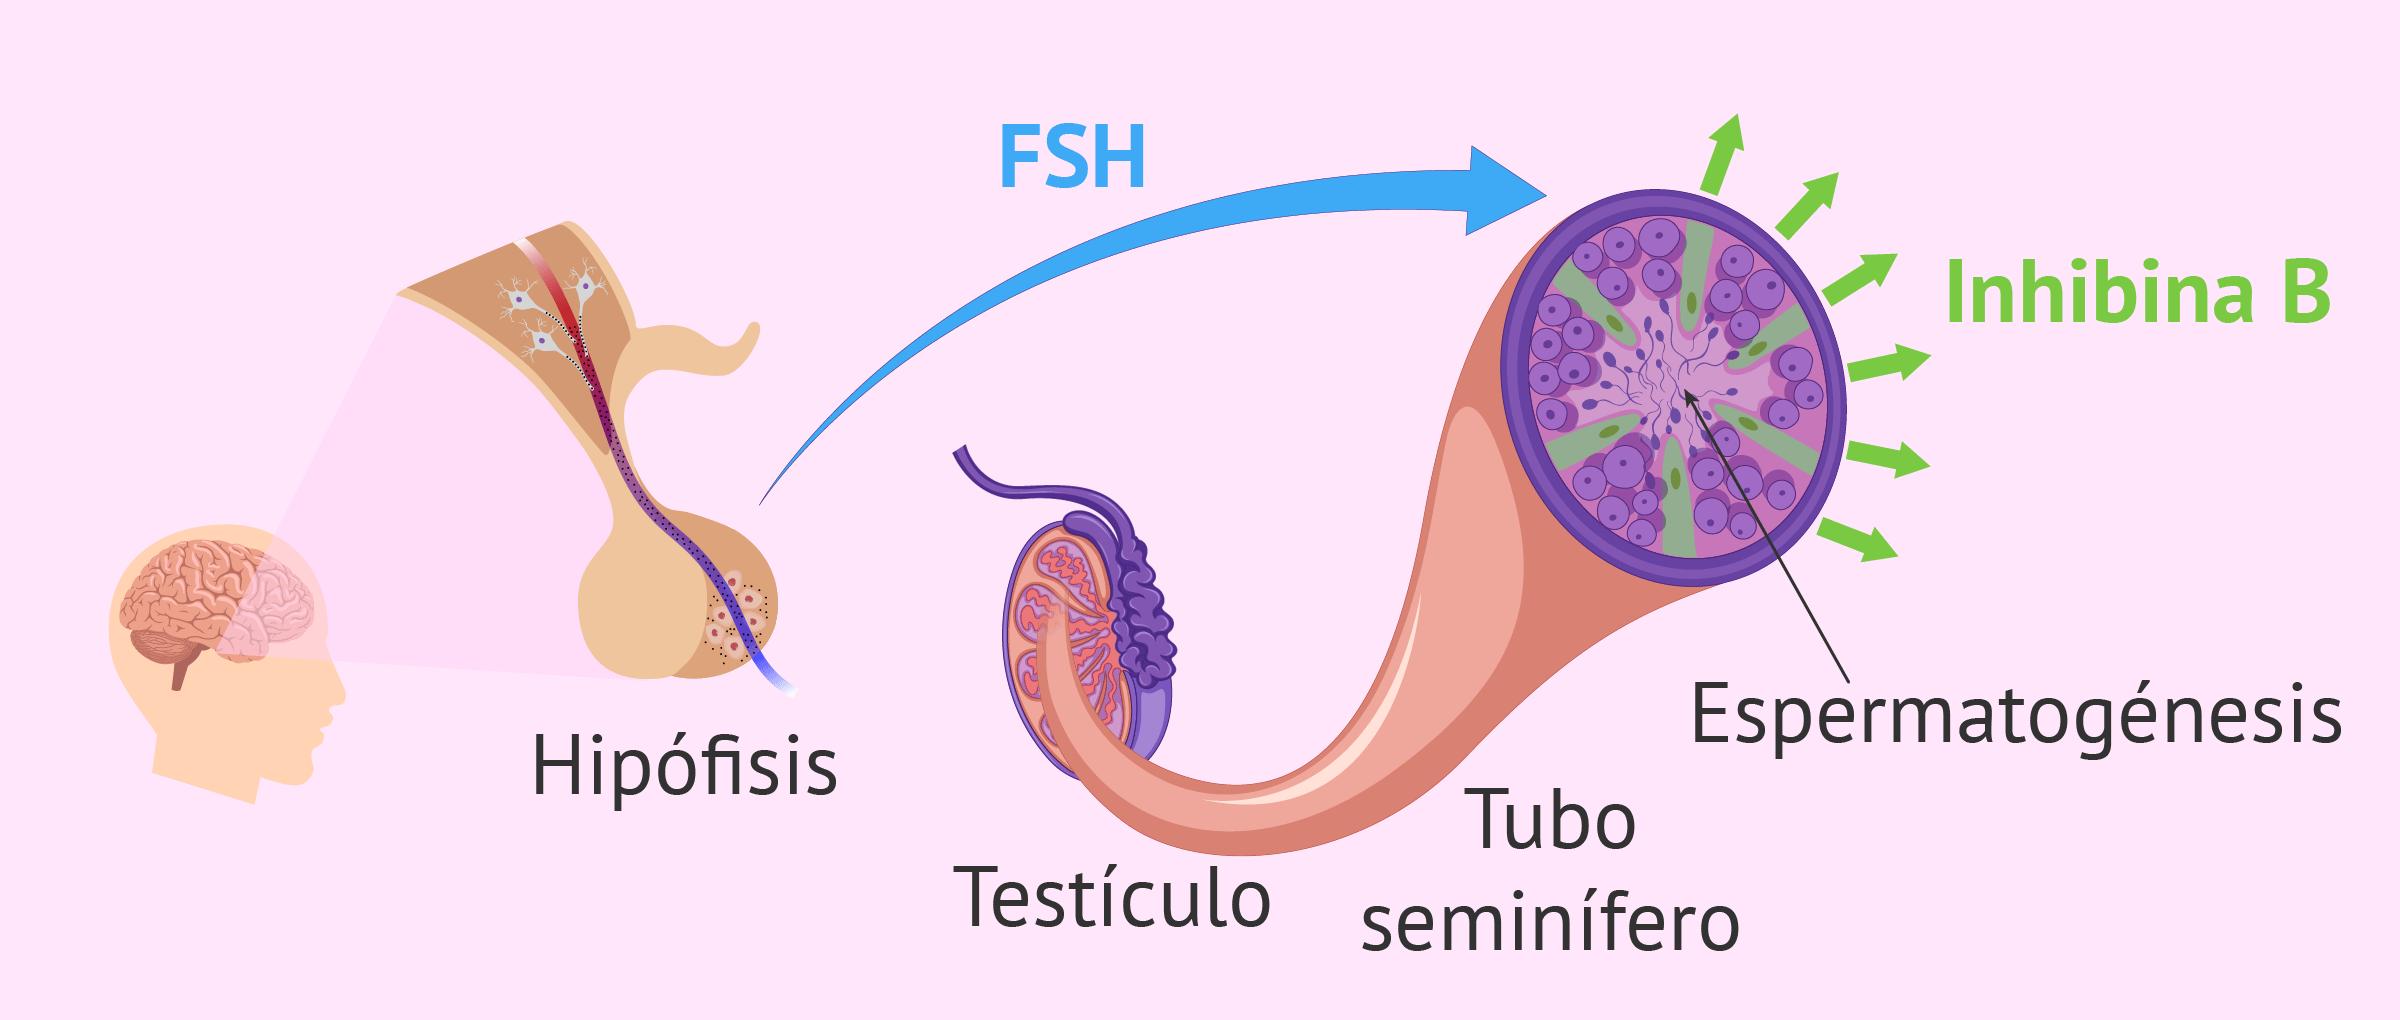 Hormonas que actúan en la espermatogénesis